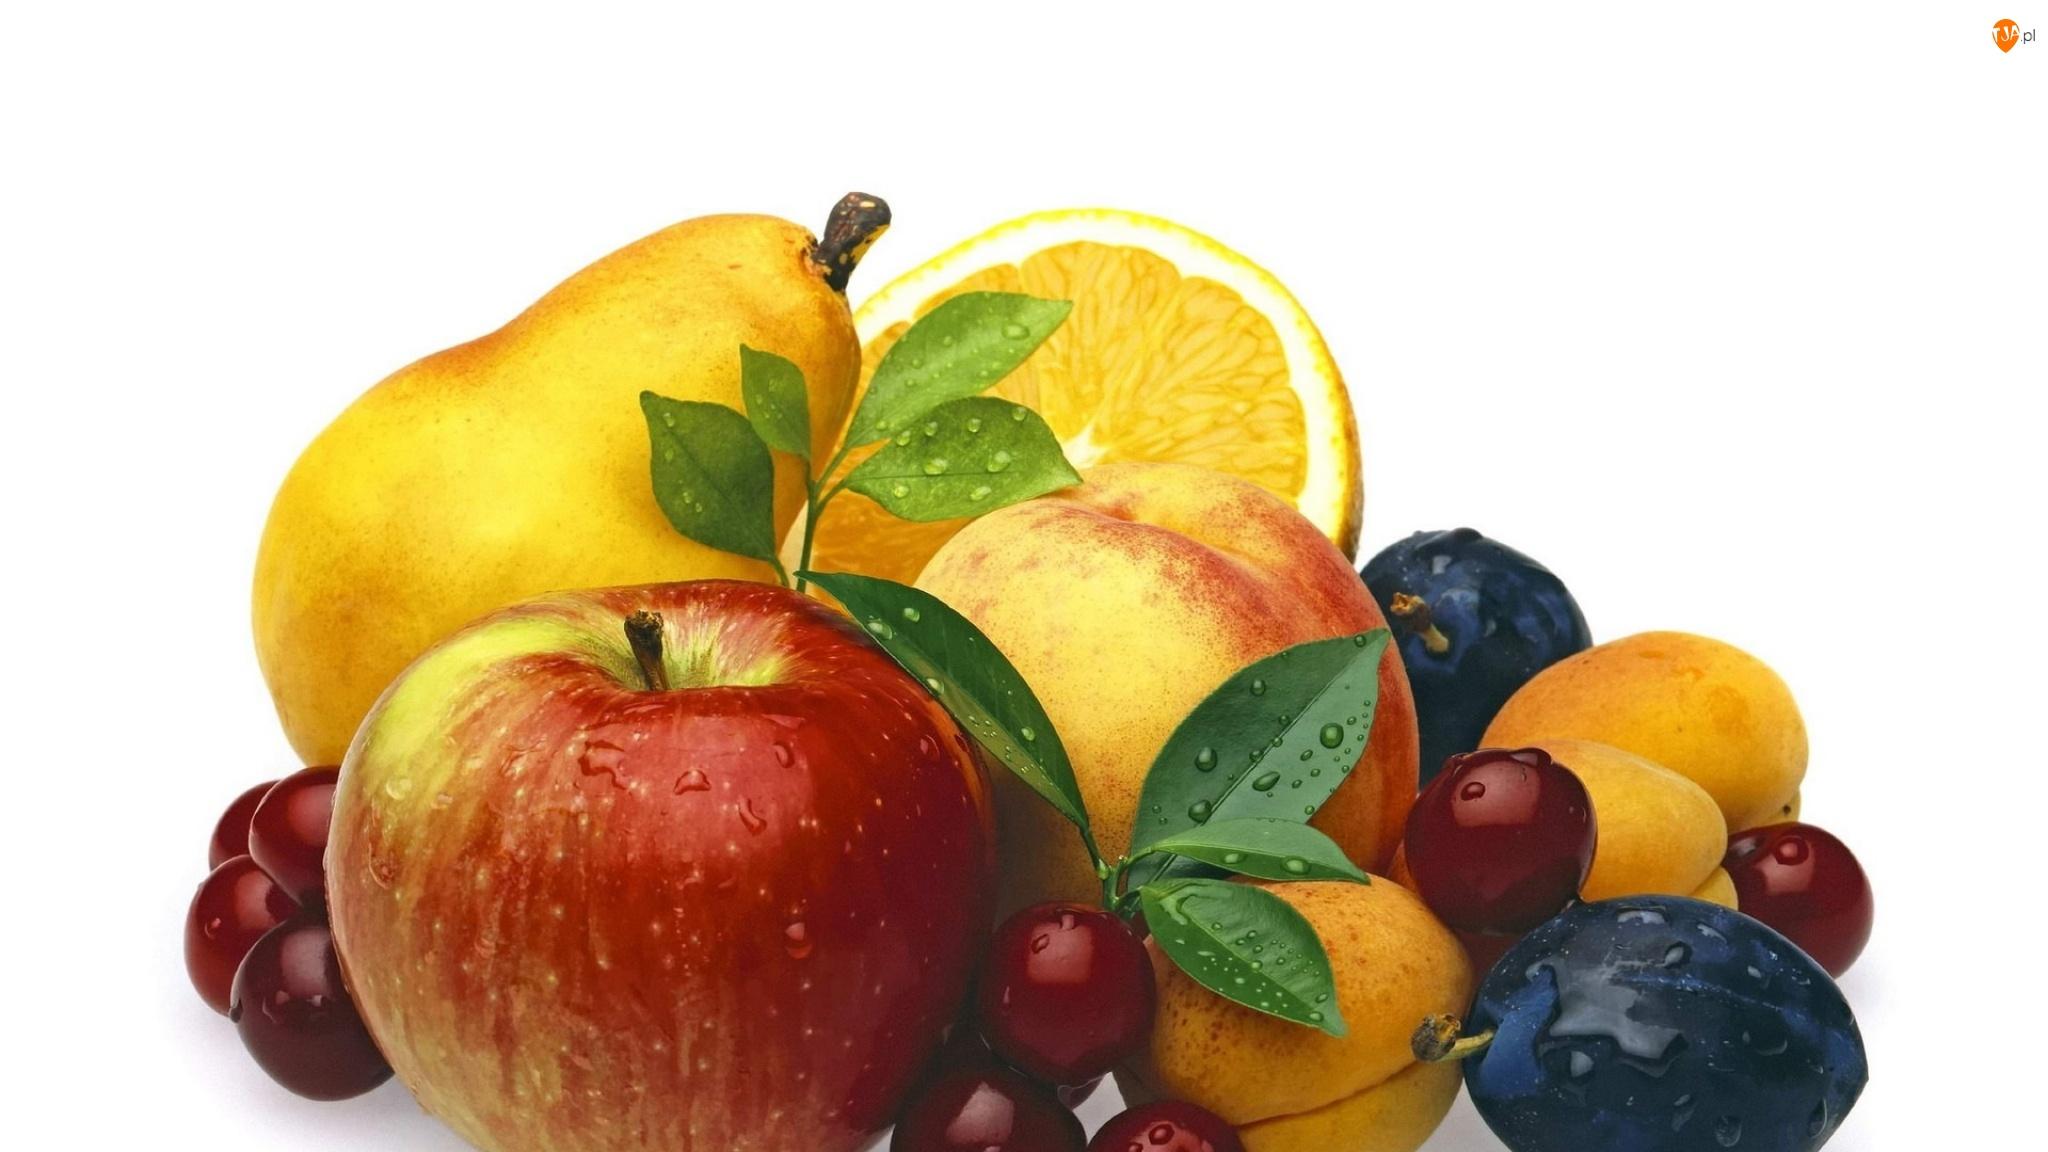 Listki, Pomarańcza, Śliwki, Jabłka, Krople, Winogrona, Brzoskwinie